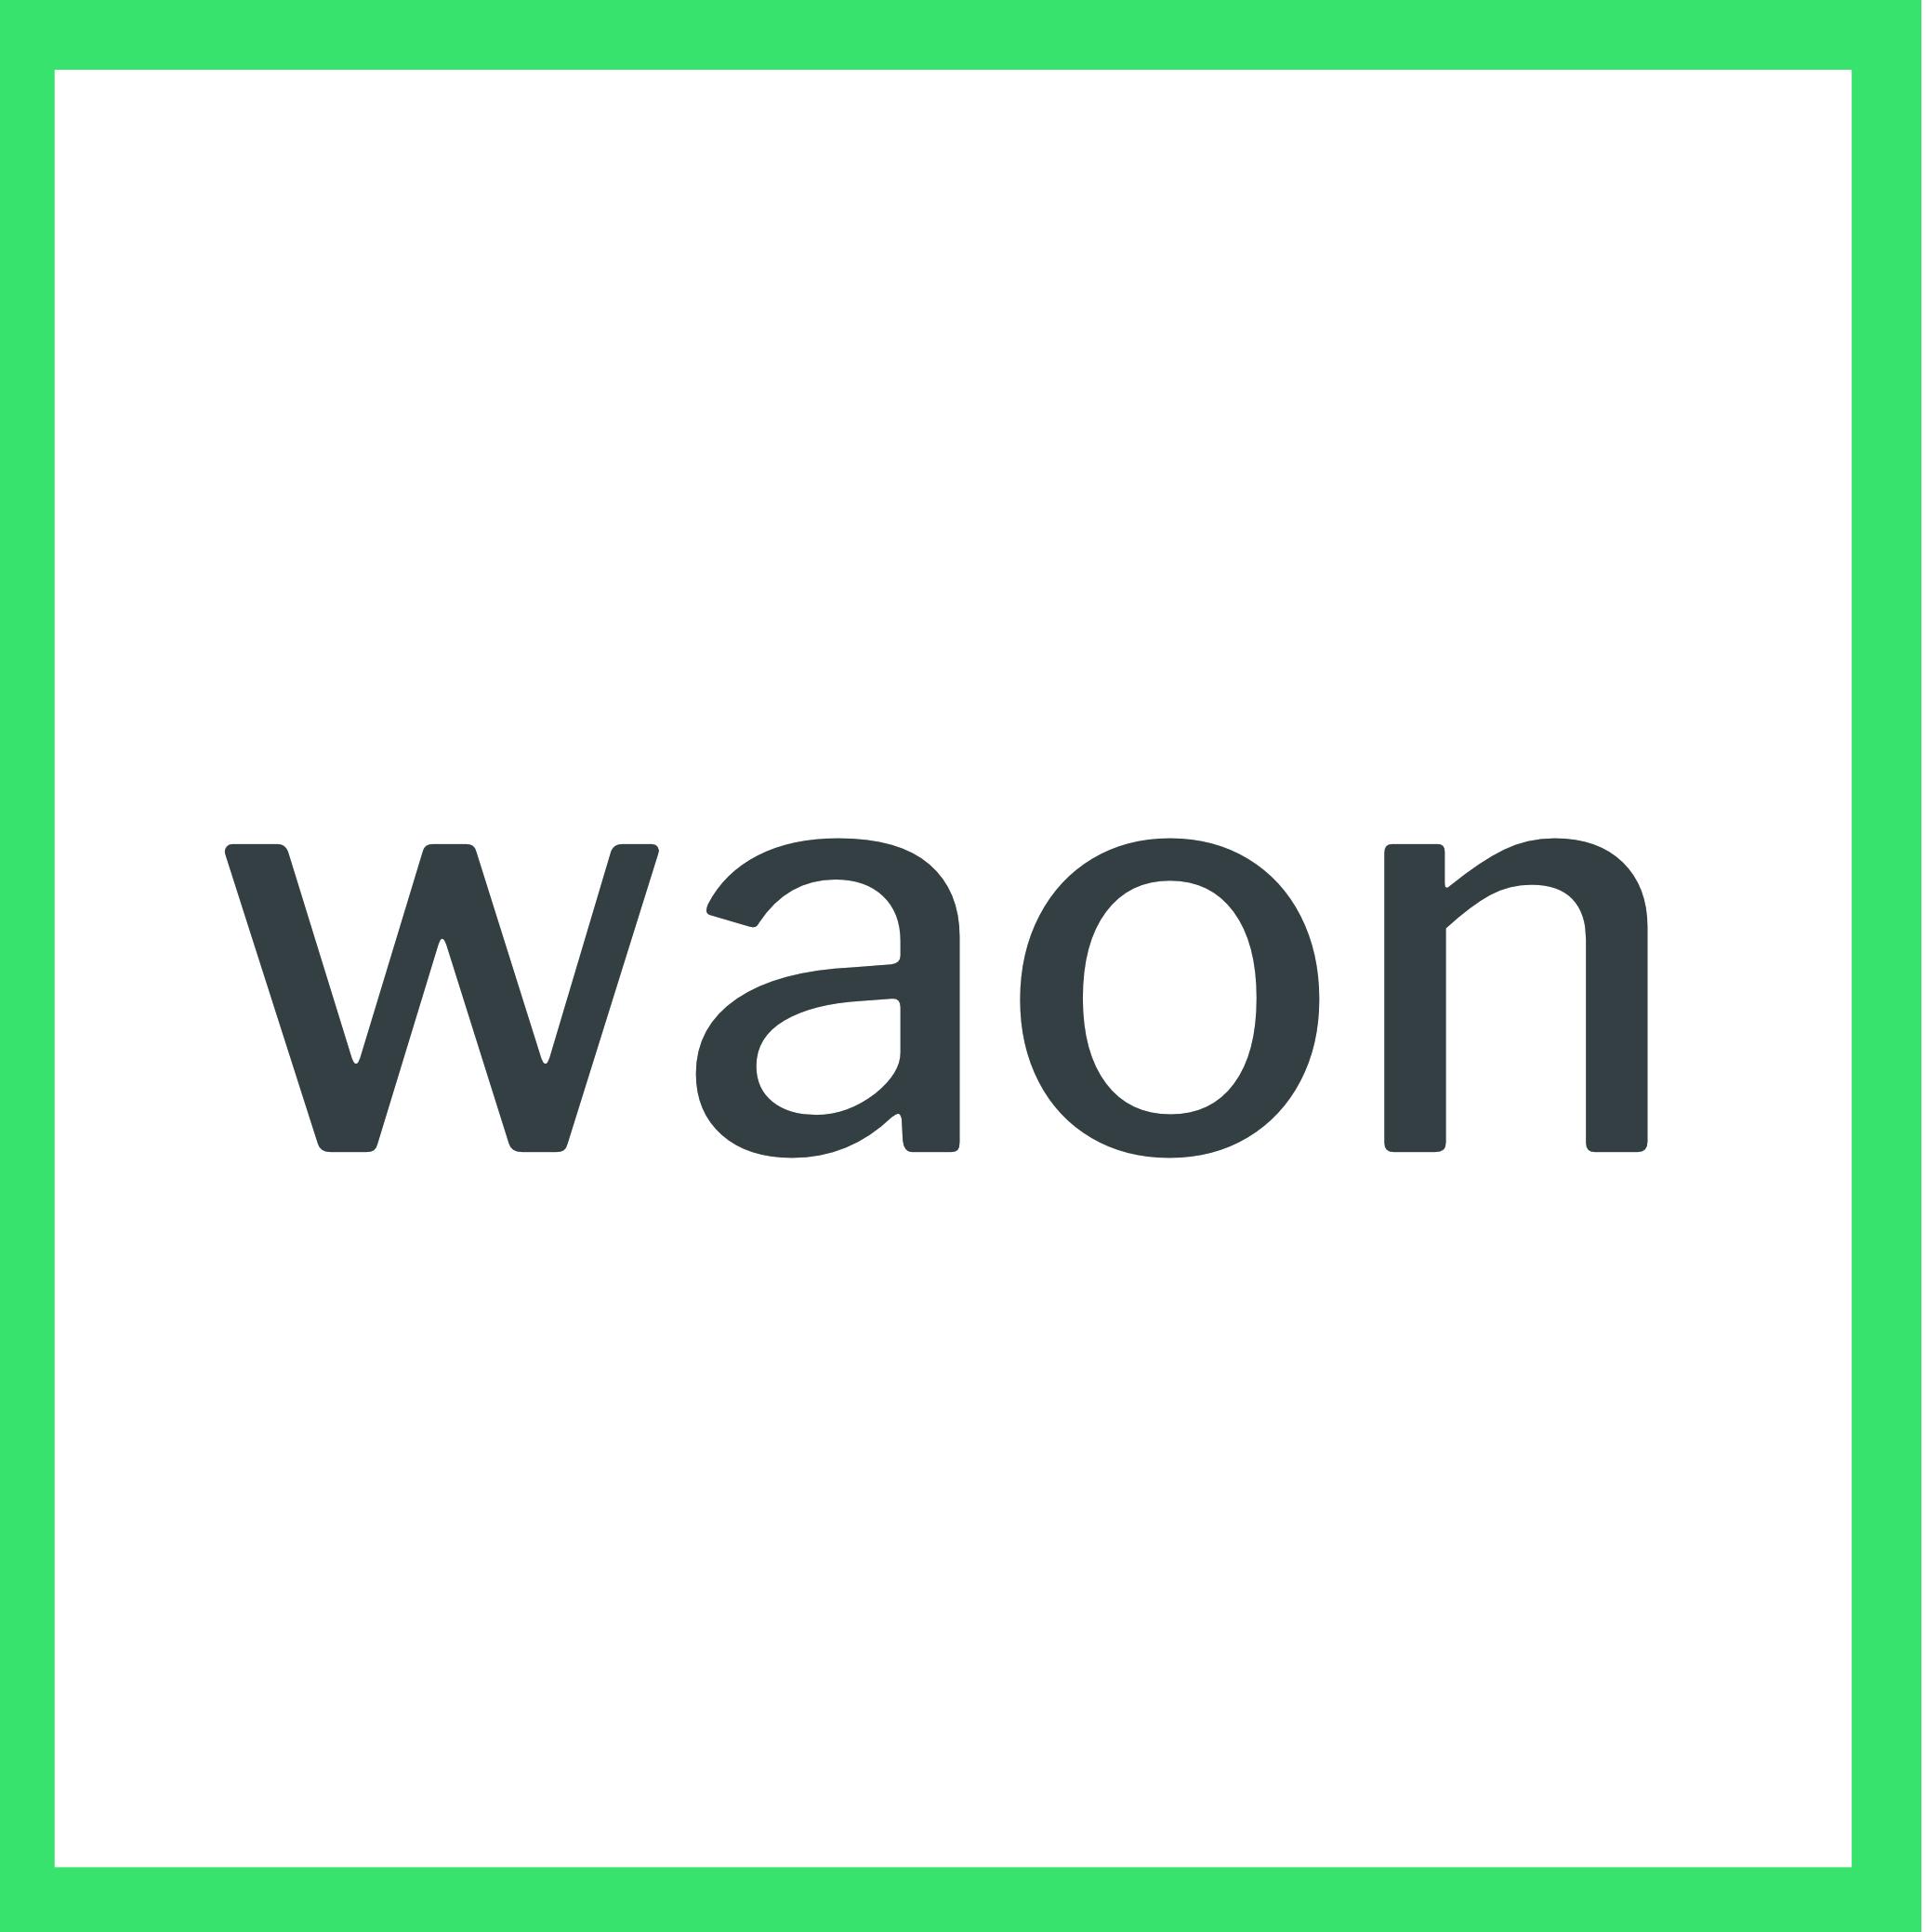 :waon: